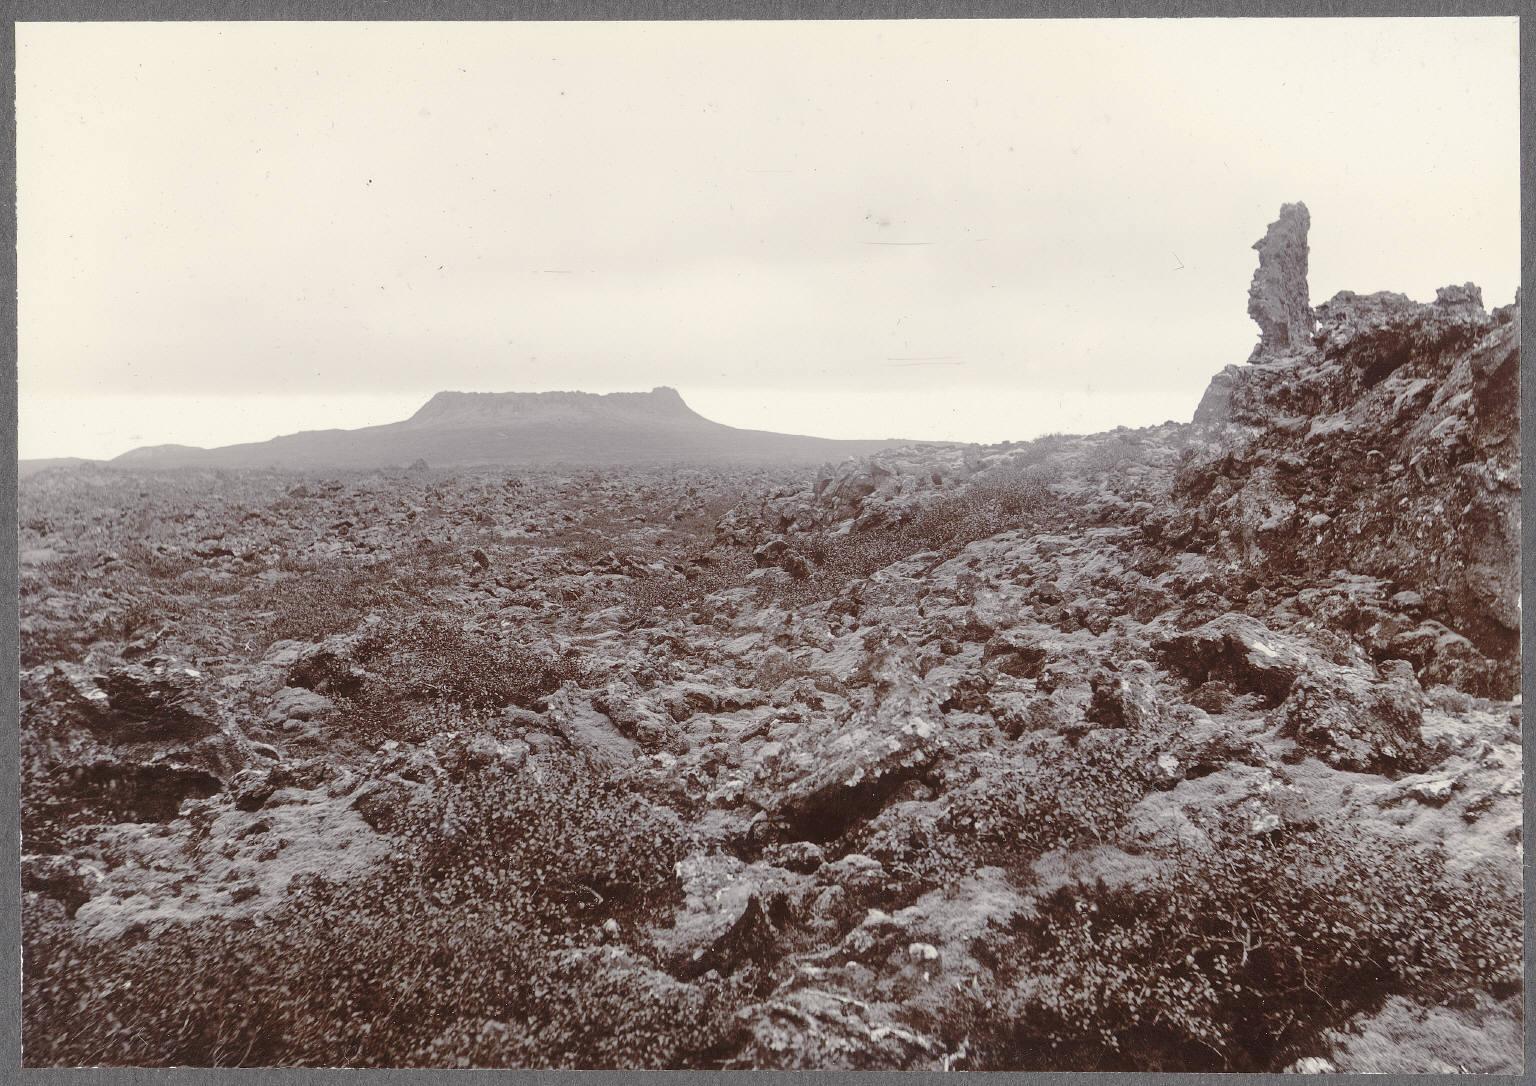 Кратер Элдборг и лавовое поле с севера